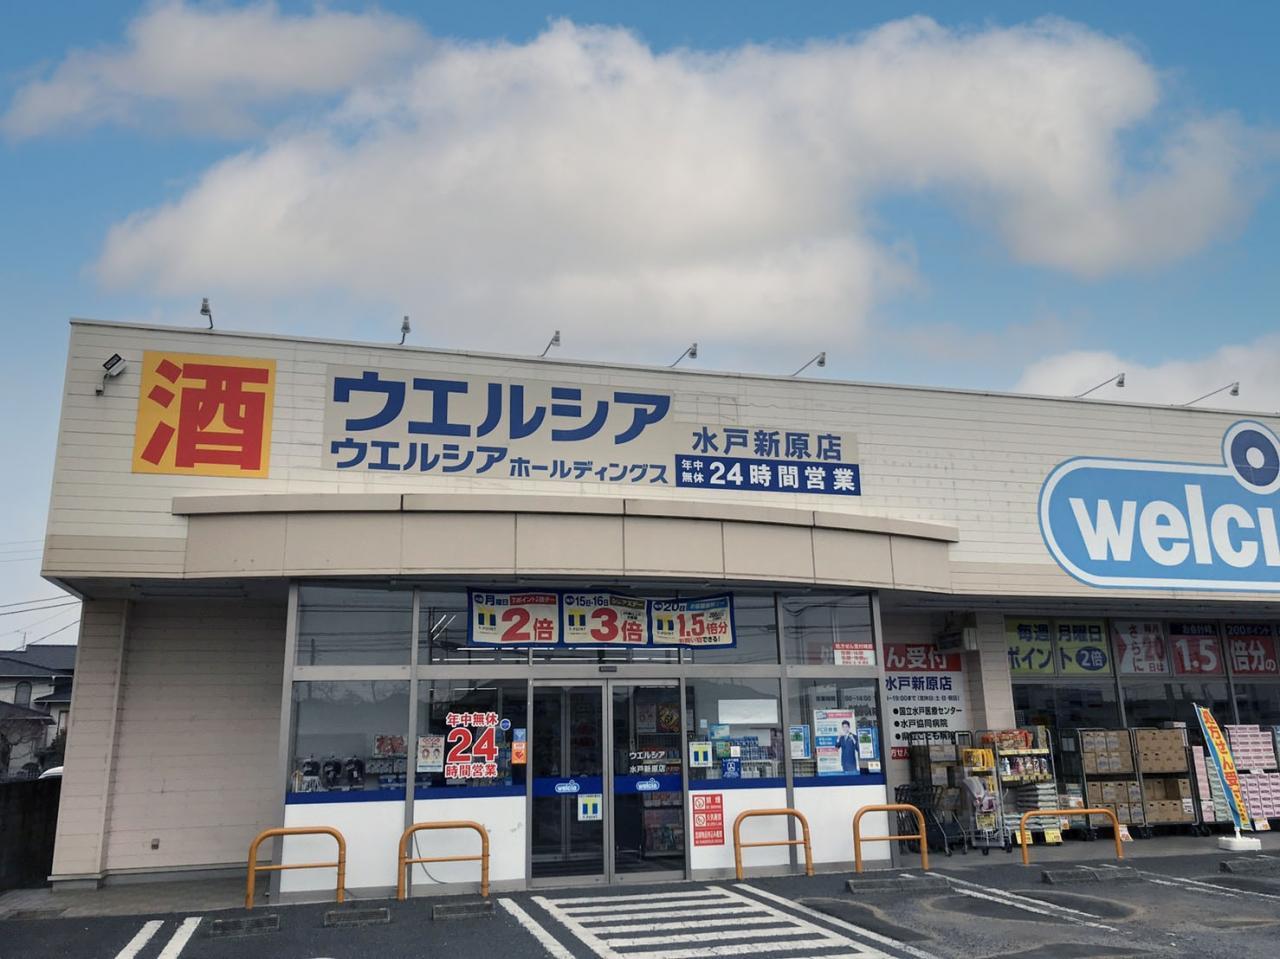 ウエルシア水戸新原店 (調剤薬局)